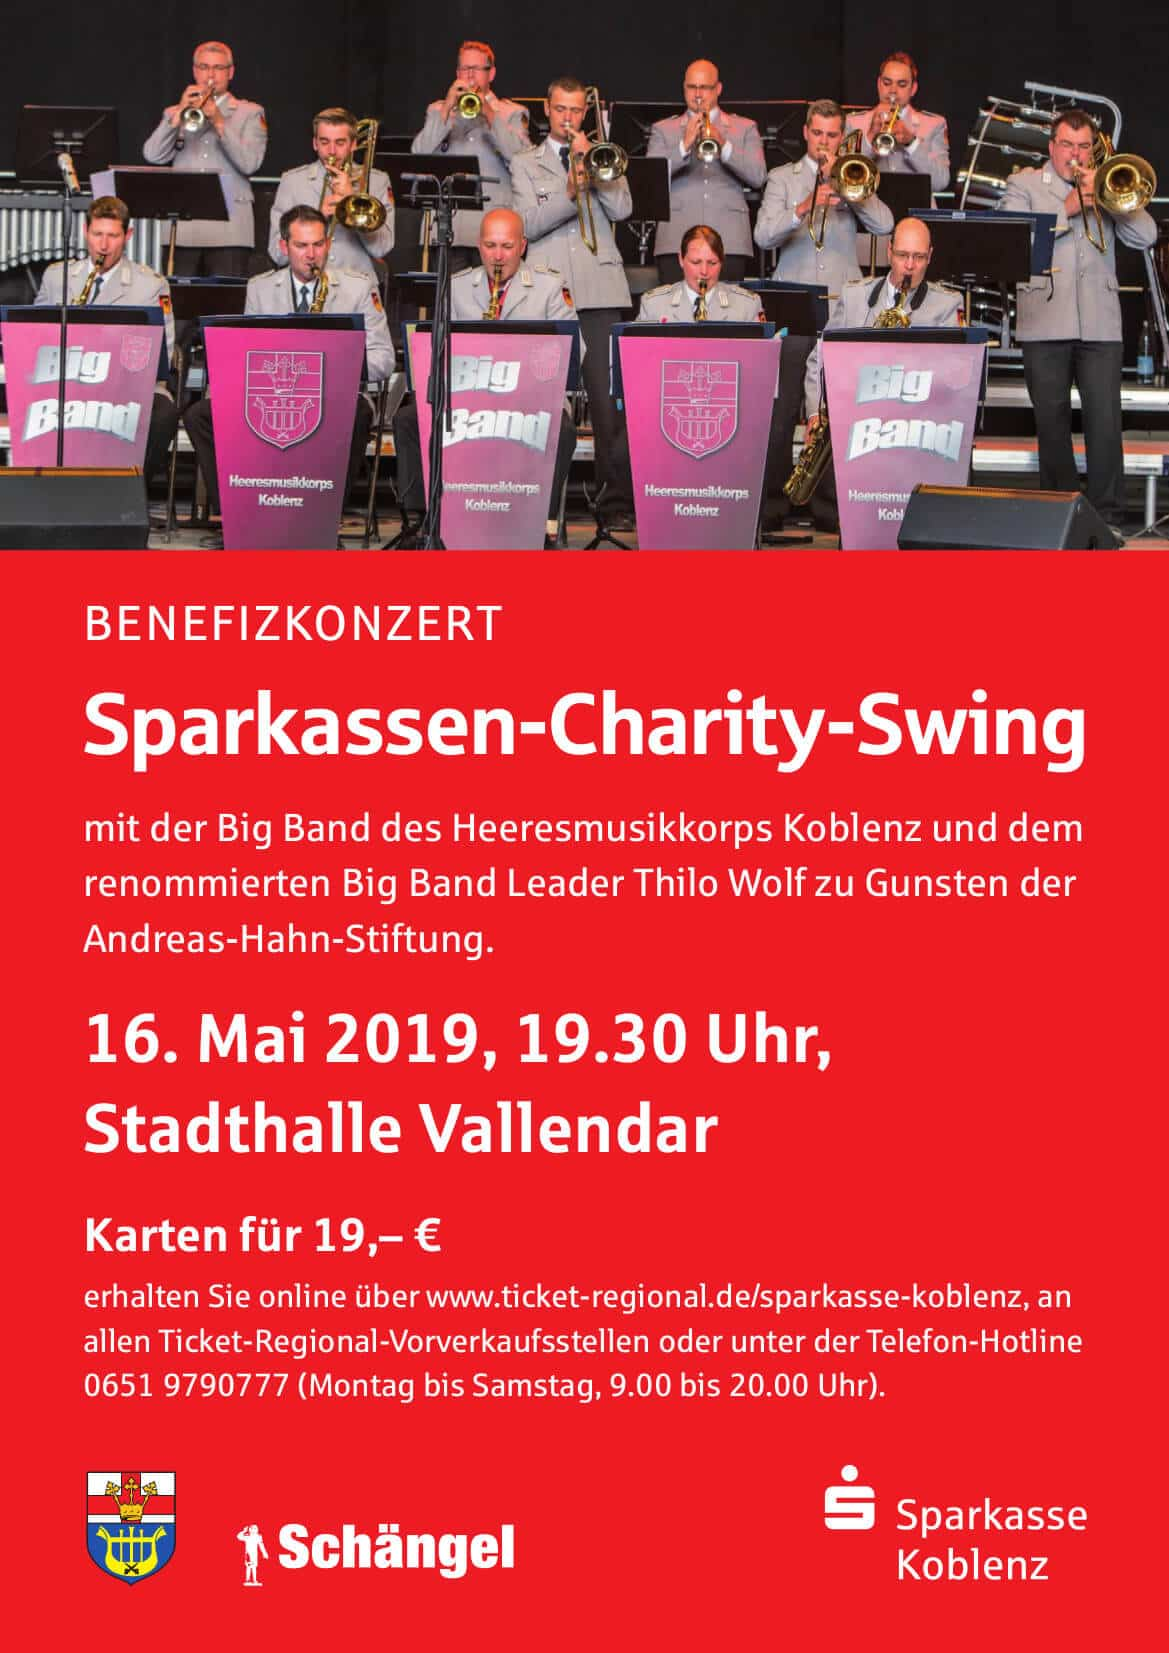 Plakat Konzert Heeresmusikkorps 16. Mai 2019